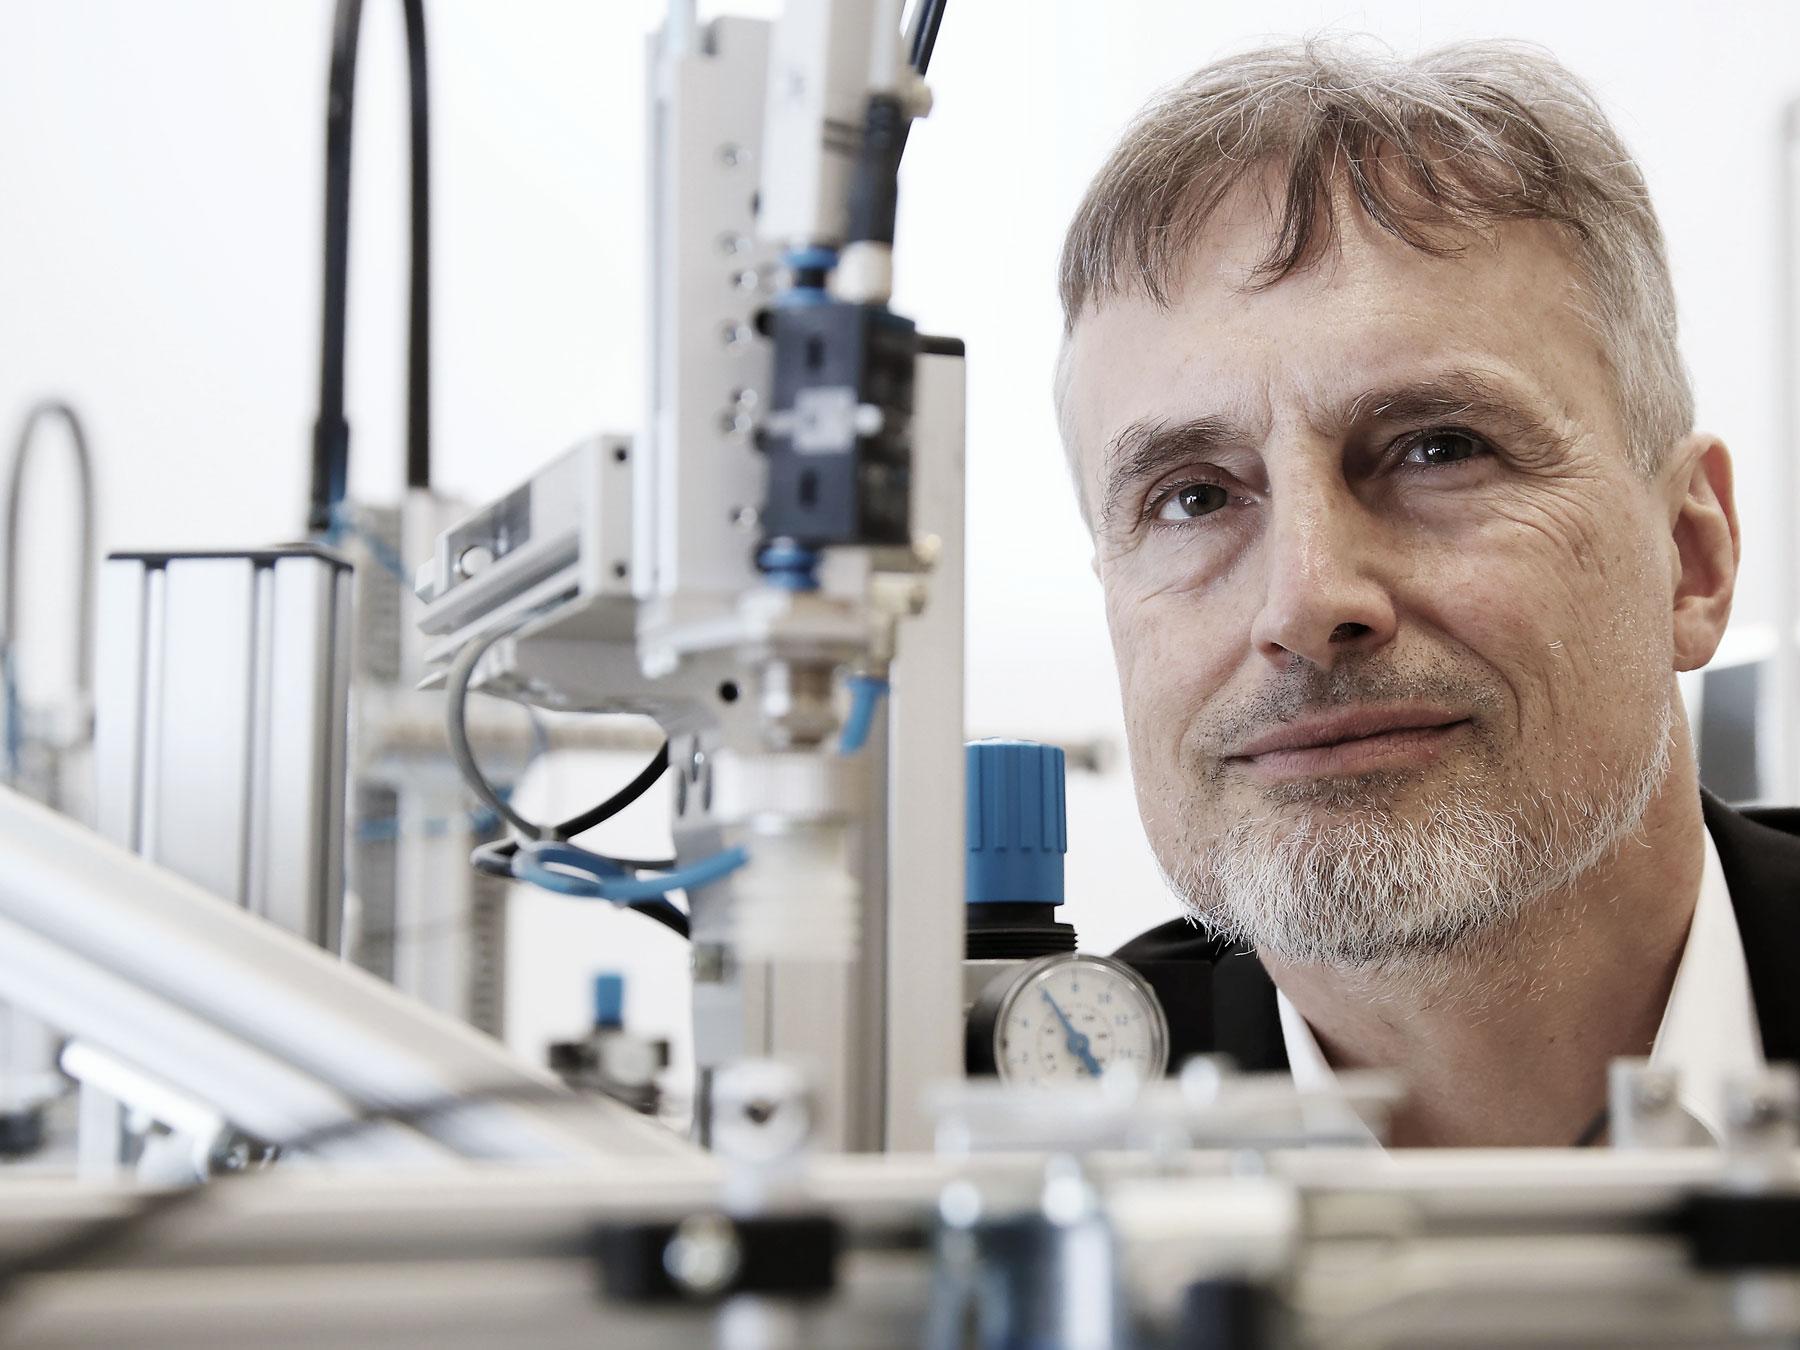 Er wollte schon mit 15 etwas bauen, was schlauer ist als er selber: Jürgen Schmidhuber im Labor.